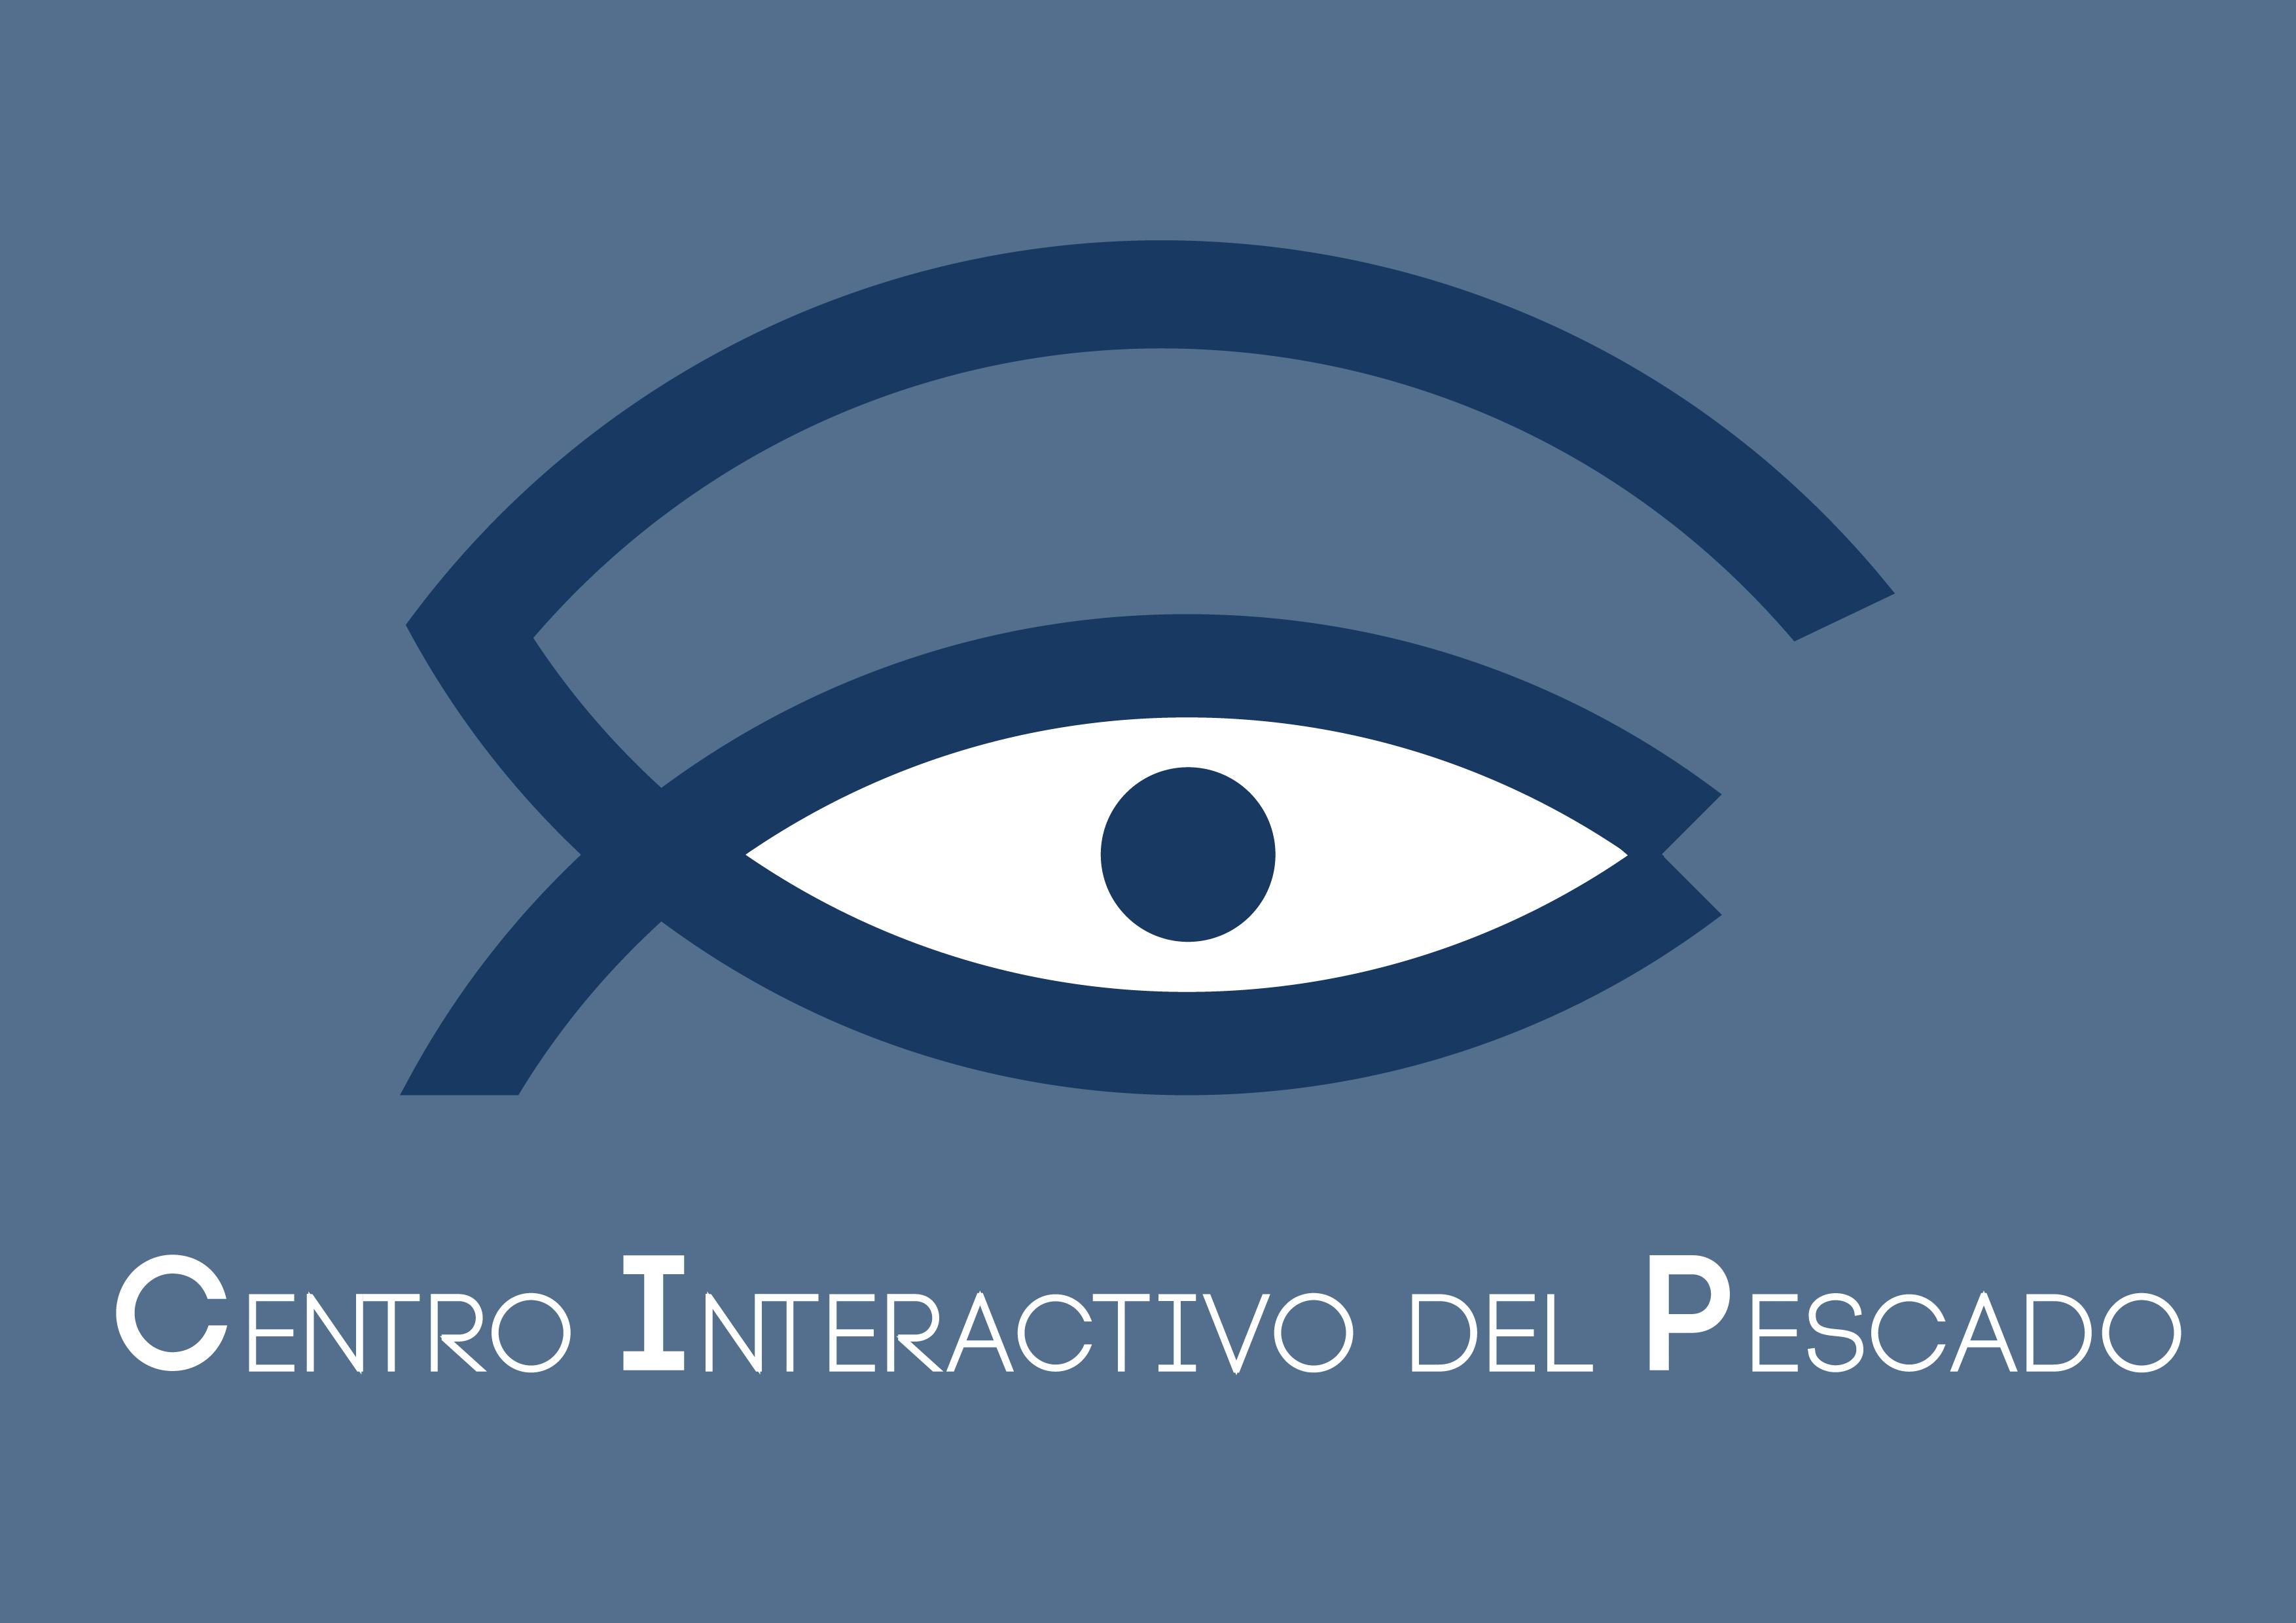 Logotipo CIP centro interactivo del pescado AEMPM Centro Interactivo del Pescado Centro Interactivo del Pescado